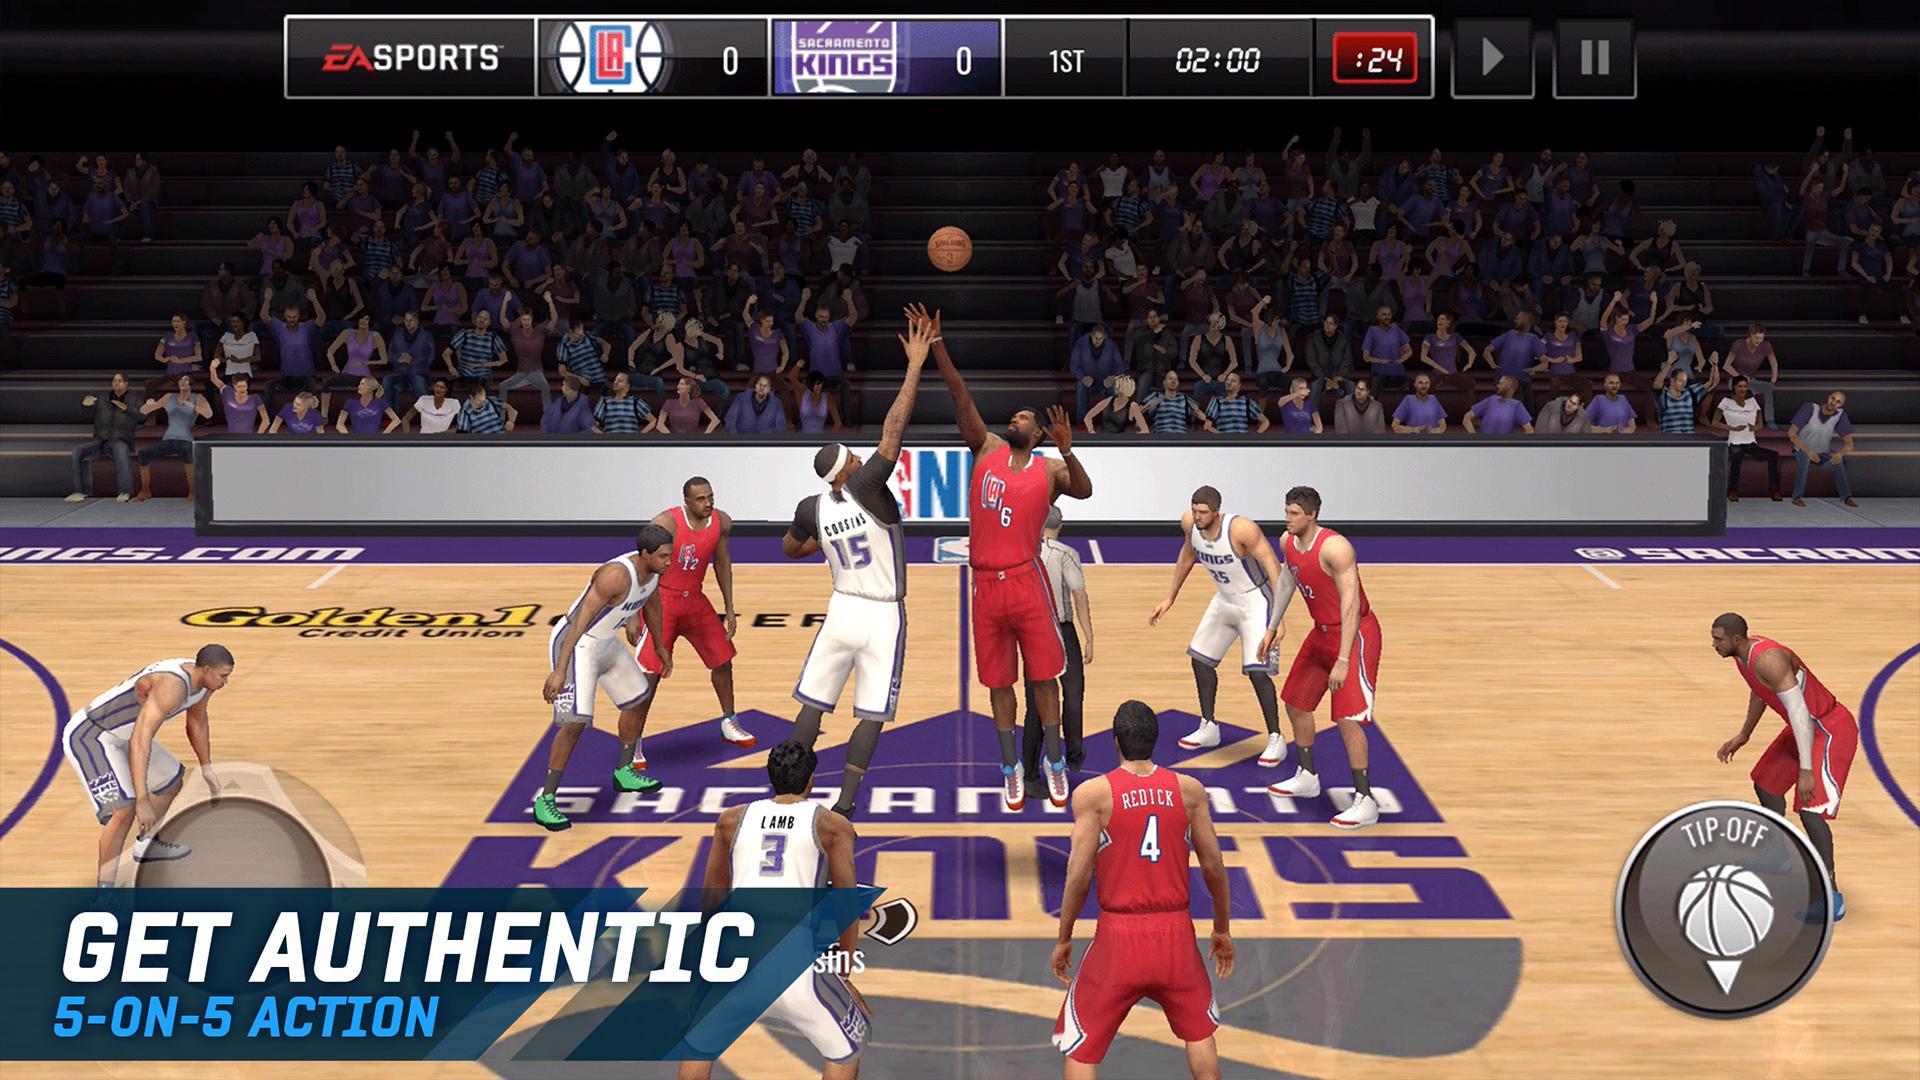 NBA LIVE Mobile Basketball screenshot #8